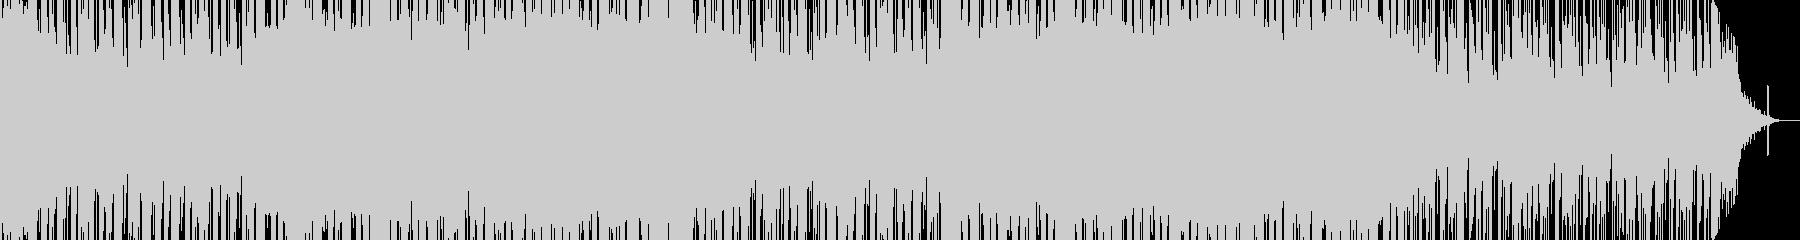 ストリングスが動き回るミステリアスな楽曲の未再生の波形